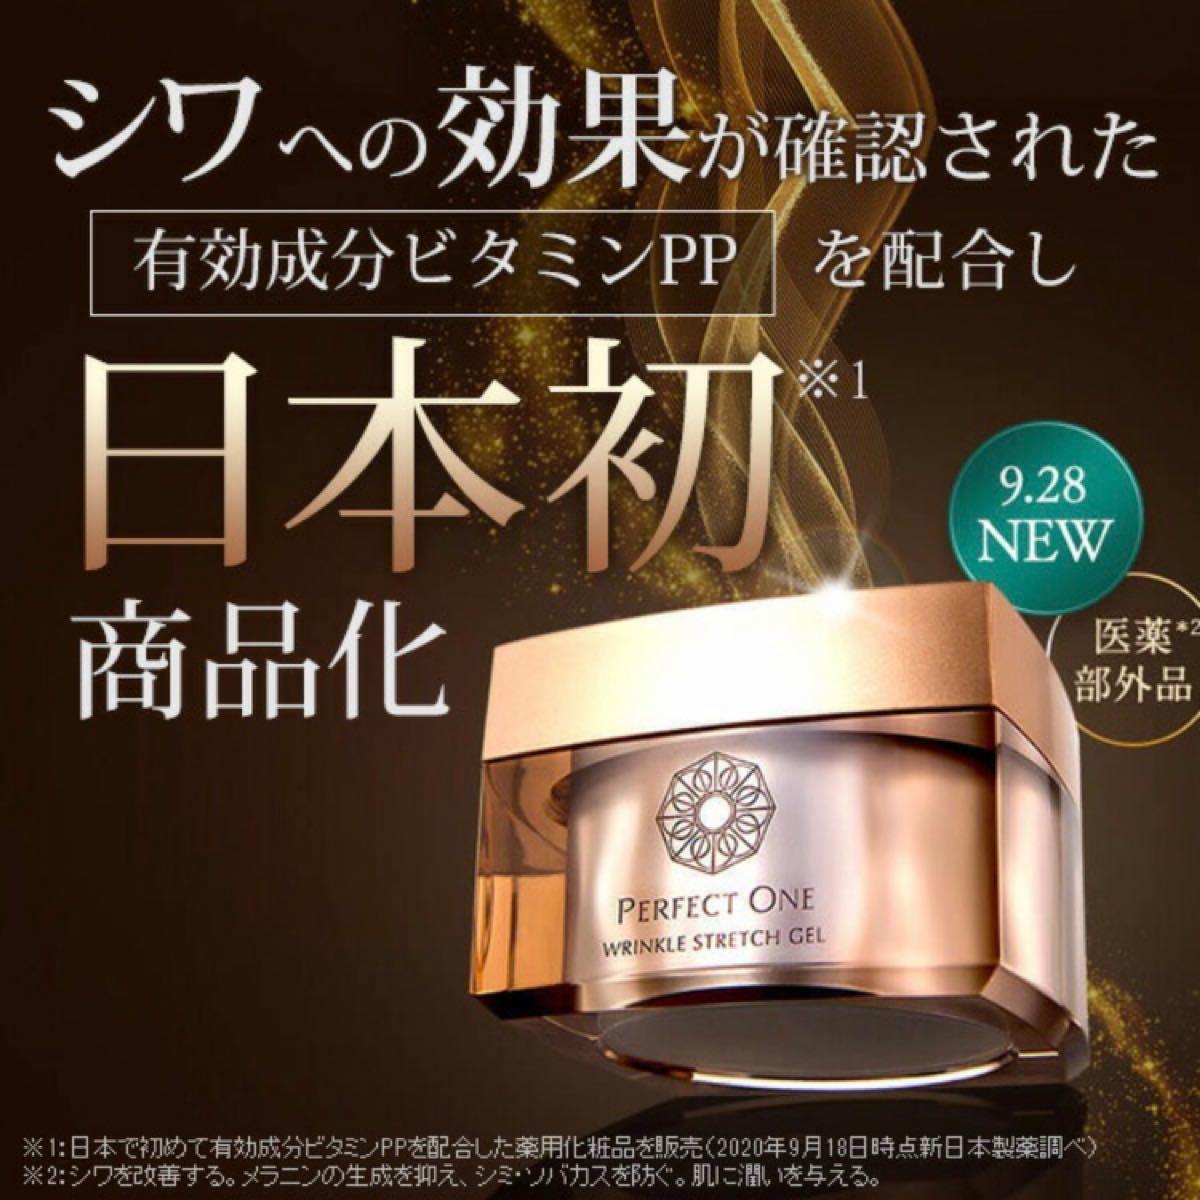 【新品未使用】パーフェクトワン 薬用リンクルストレッチジェル 50g 【3個】 新日本製薬